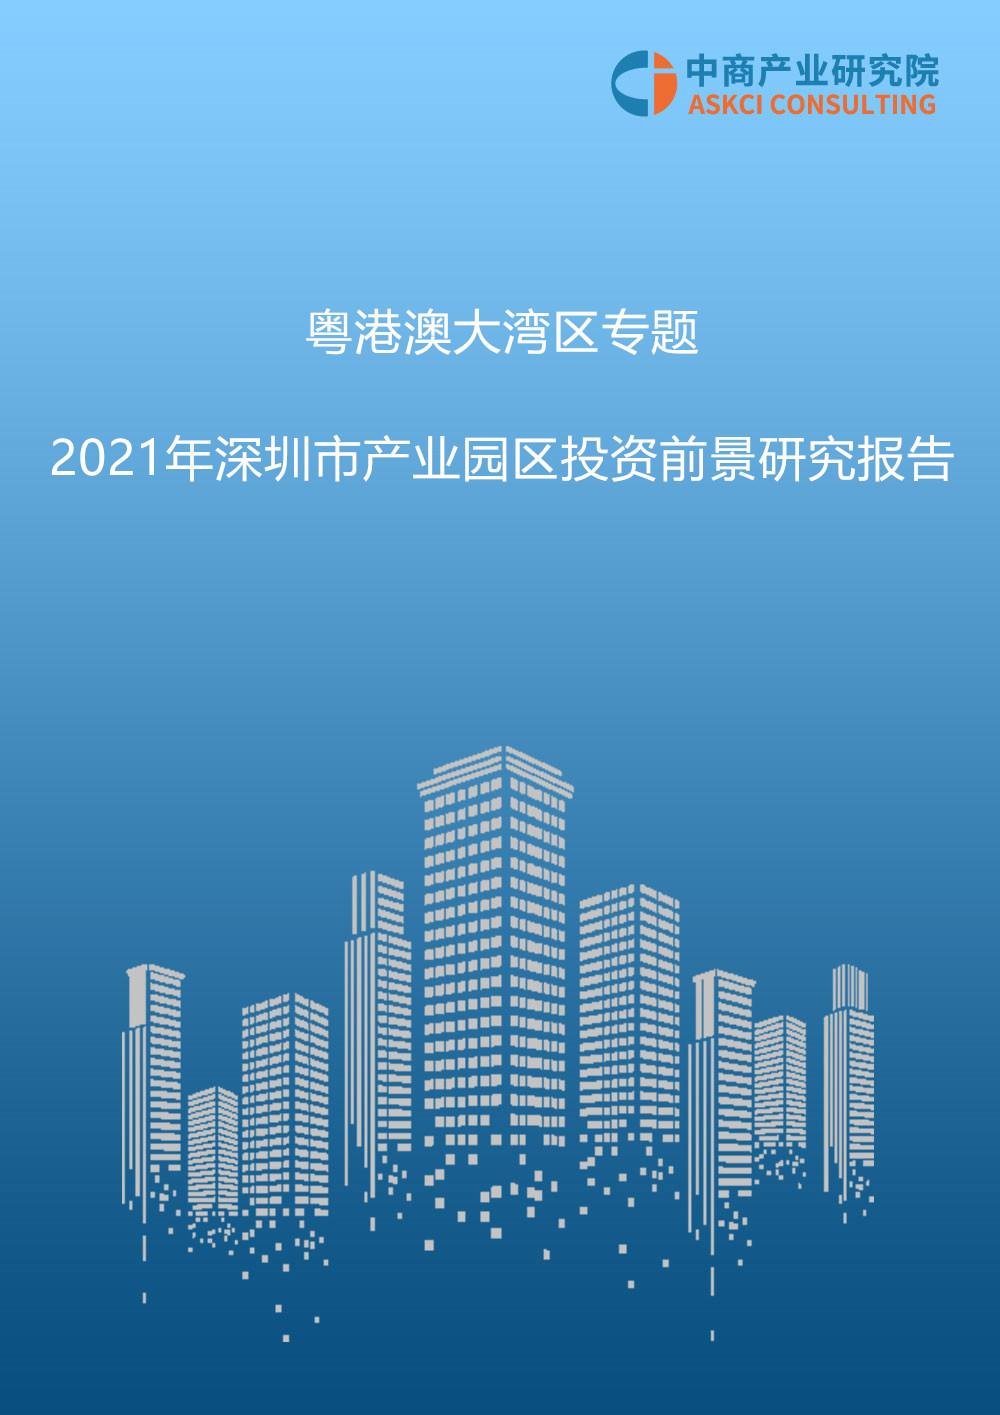 粤港澳大湾区专题——2021年深圳市产业园区投资前景研究报告